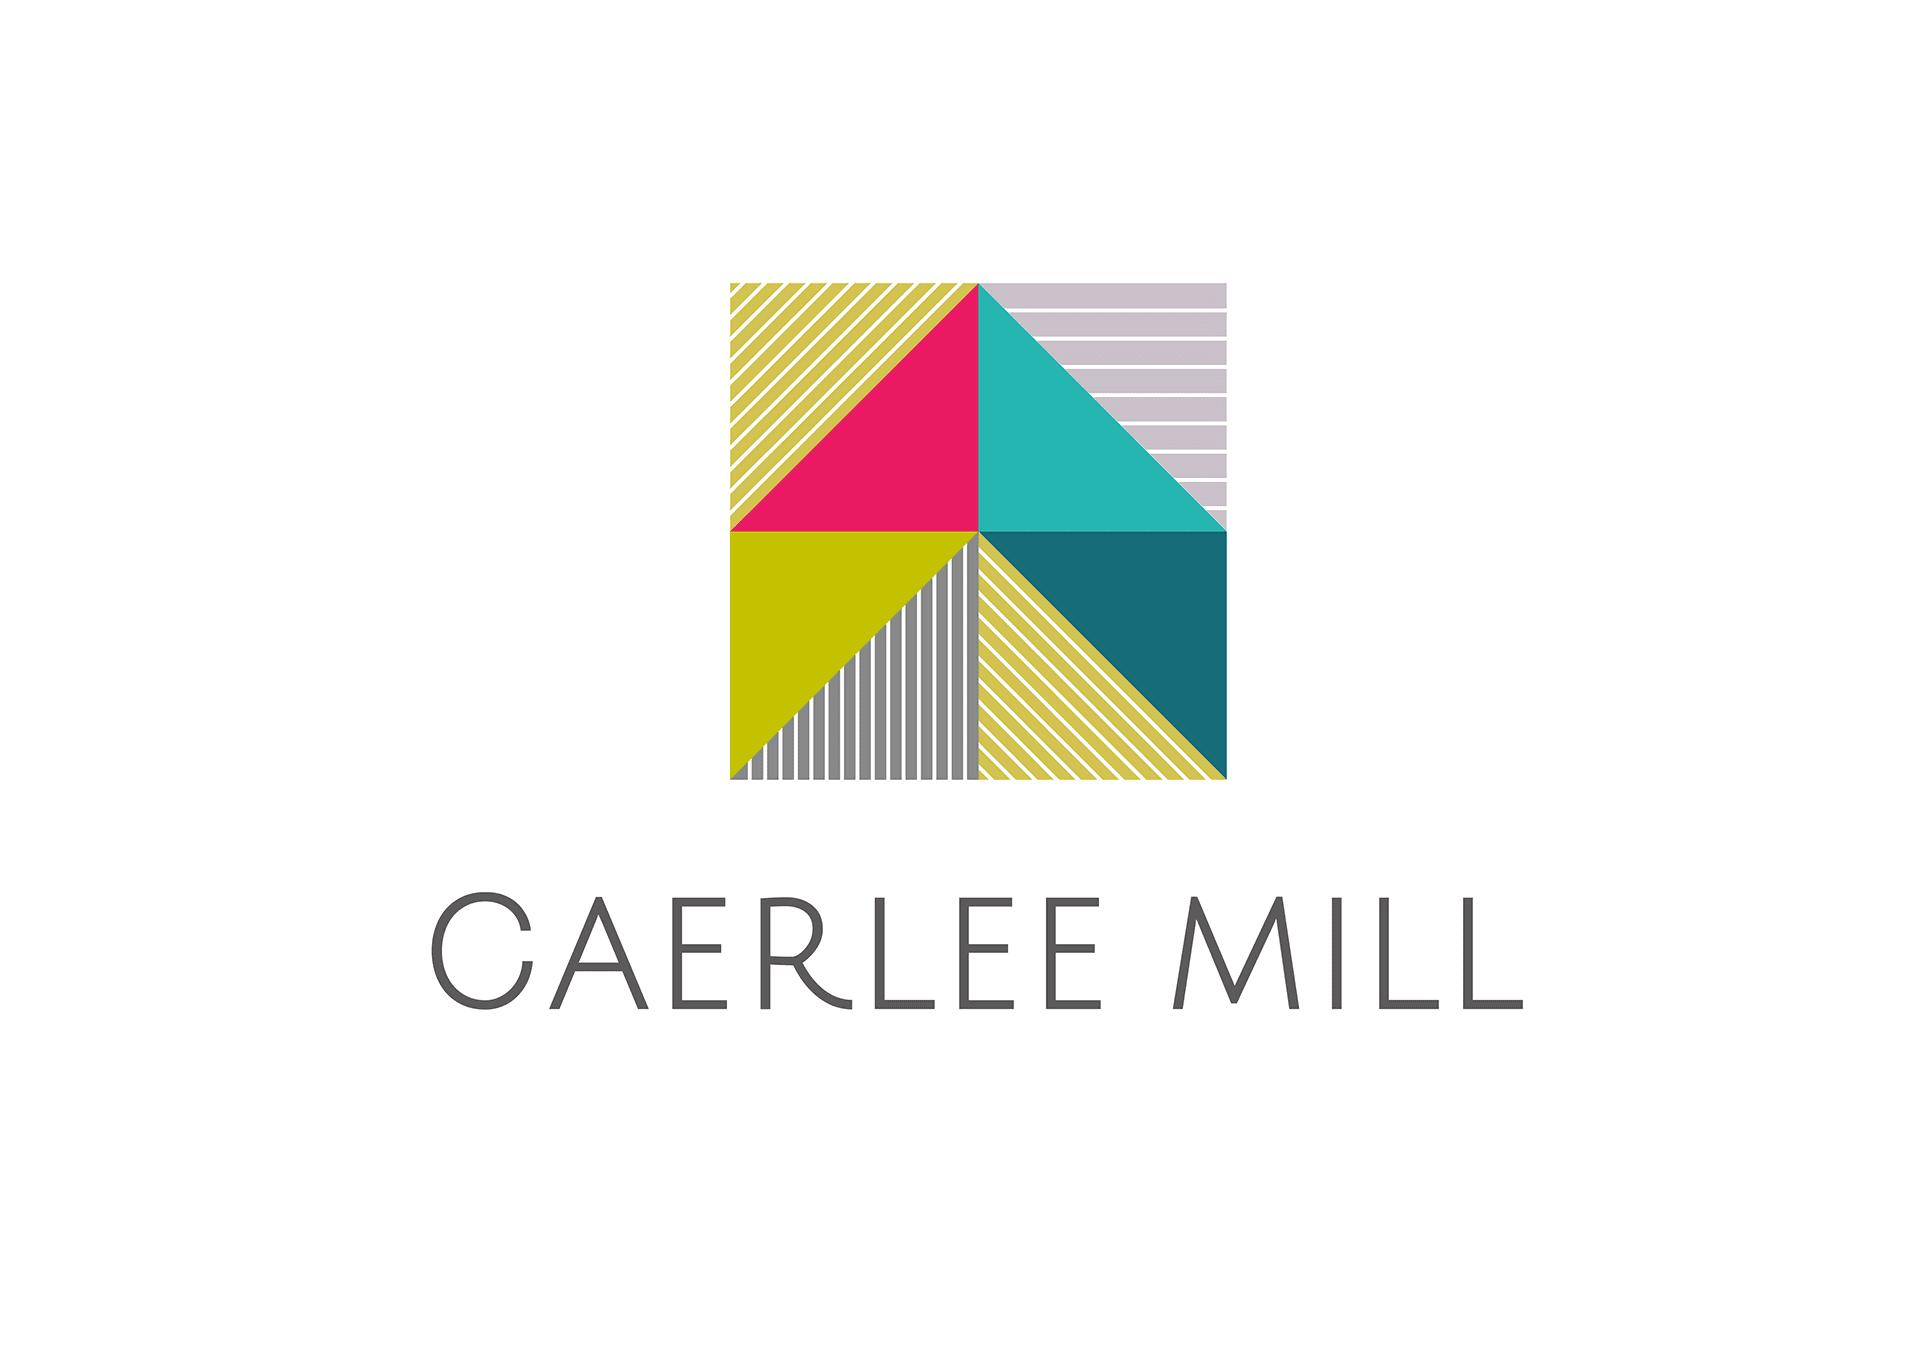 Caerlee Mill Logo